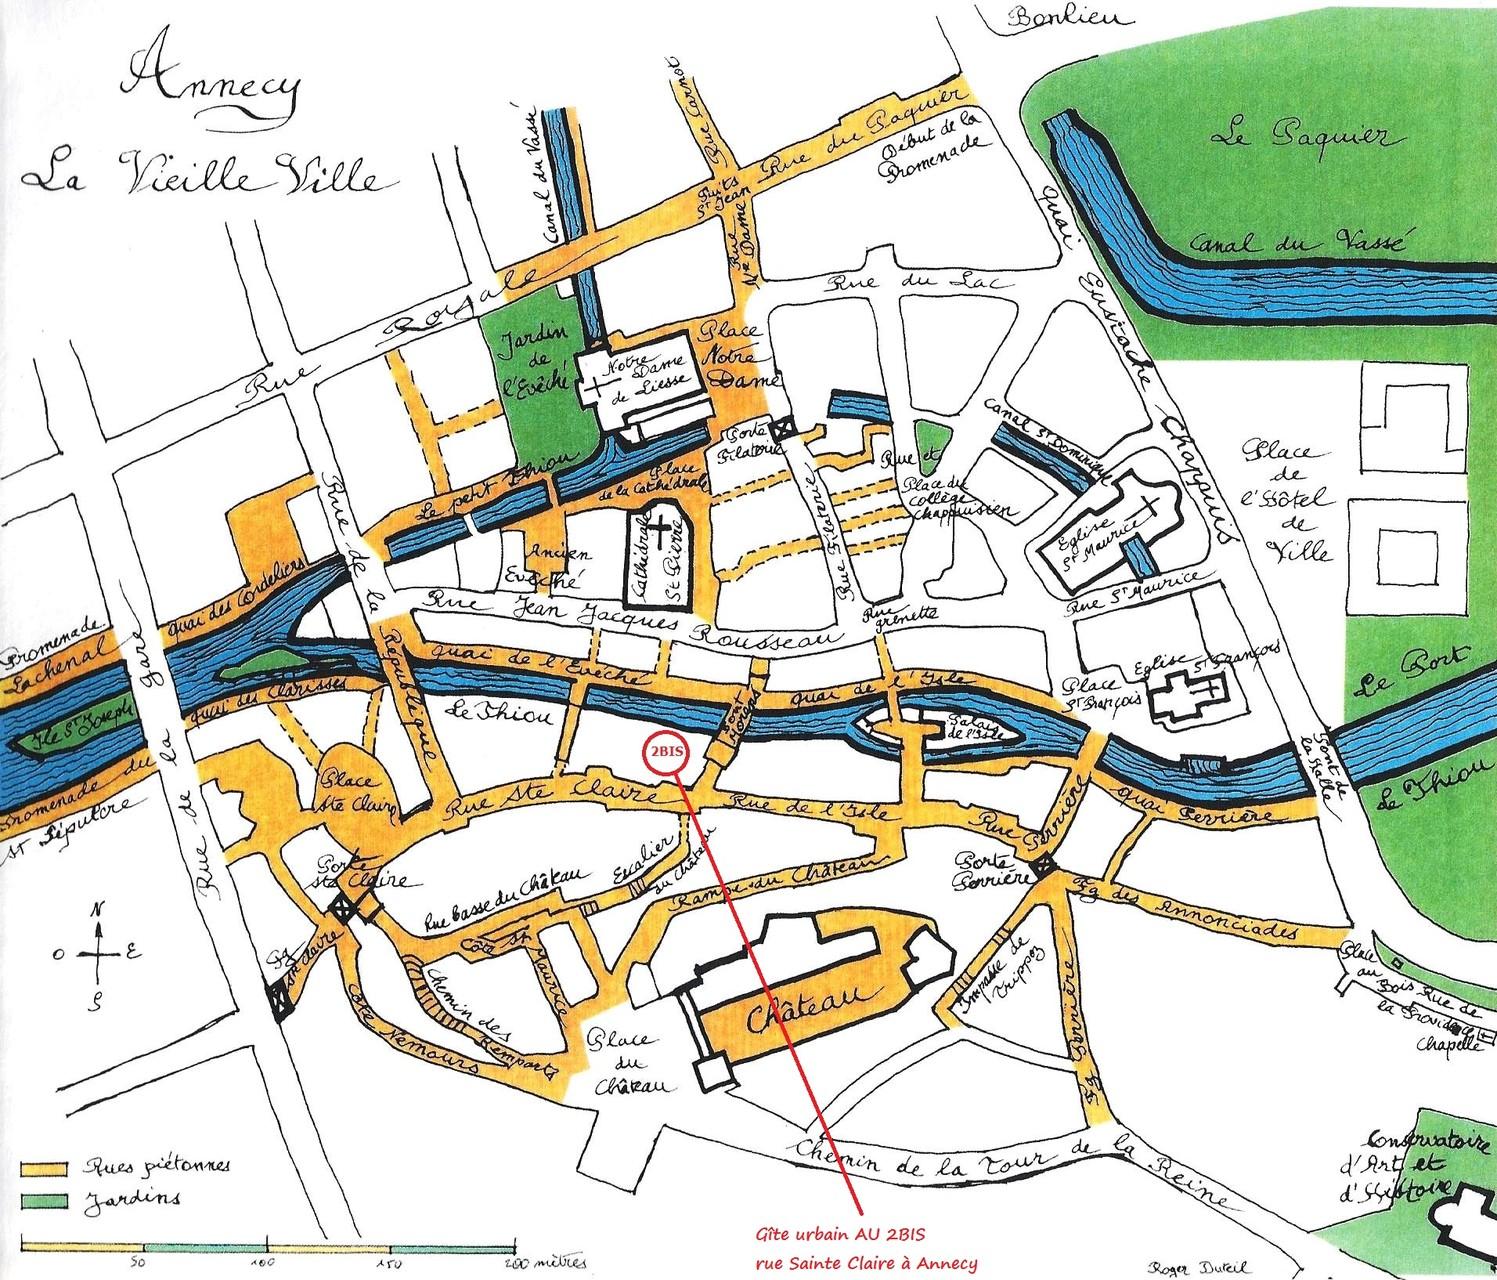 Annecy dessiné par notre ami Roger Duteil (Editions le Vieil Annecy)